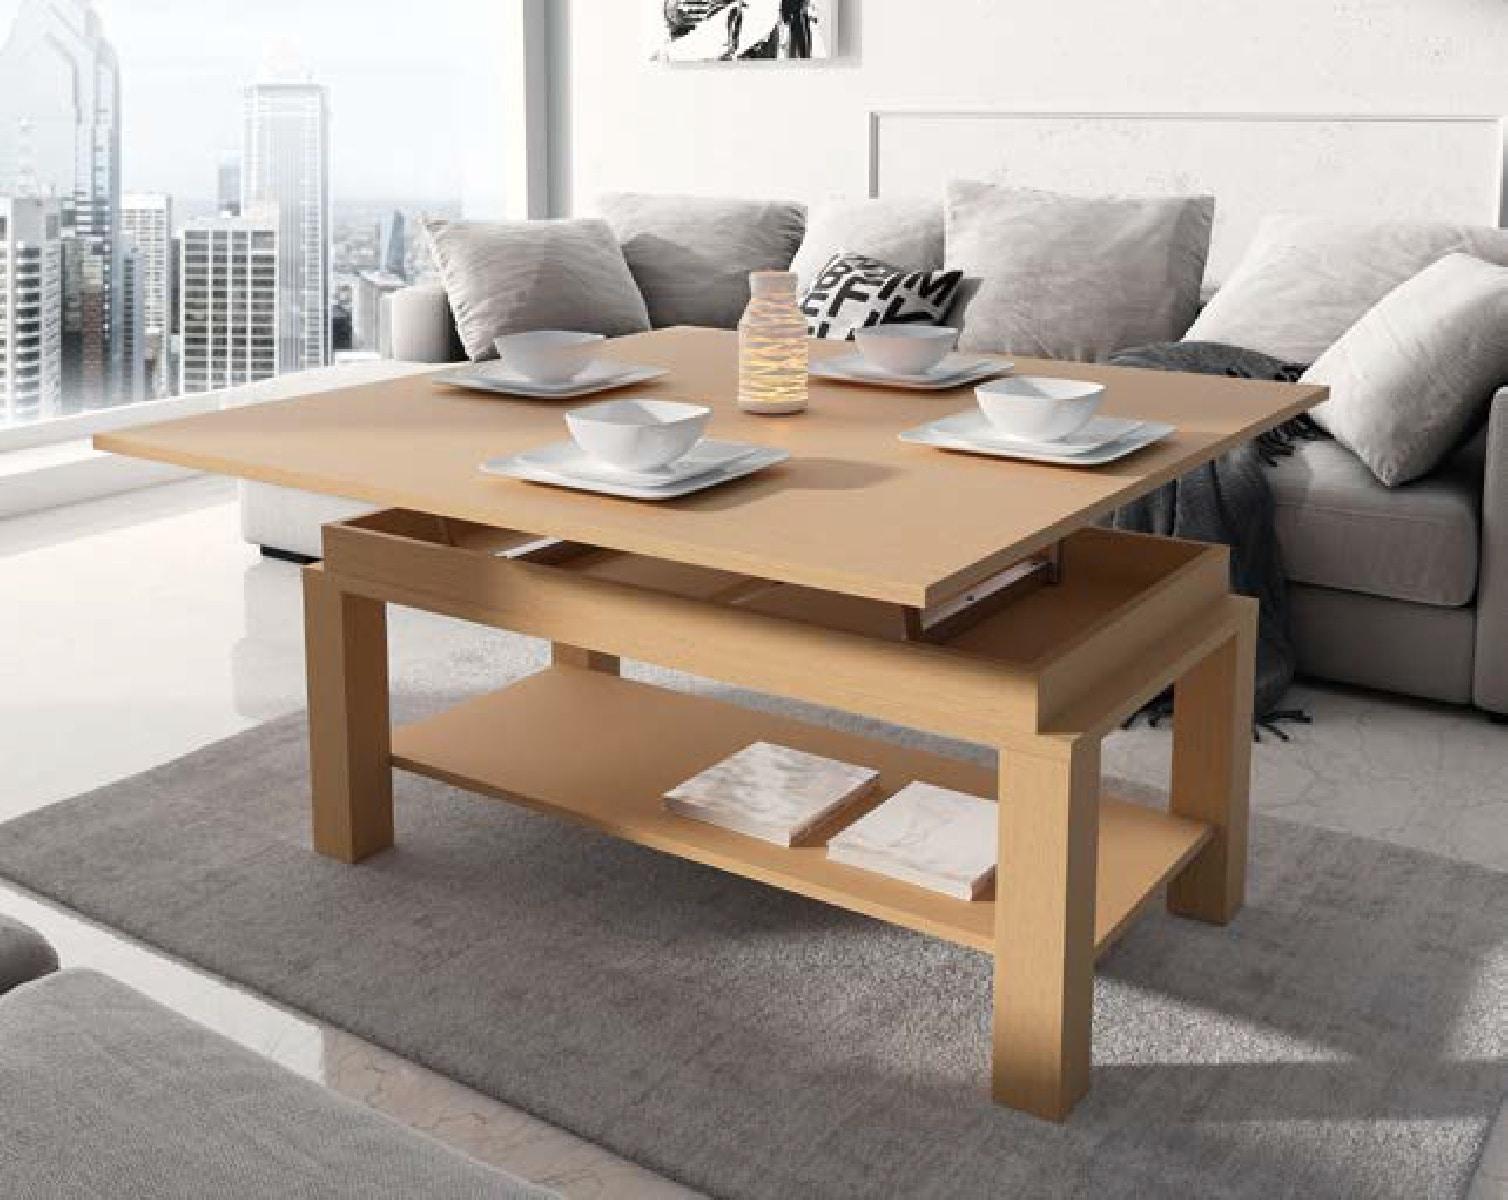 стол трансформер в гостиной дизайн идеи